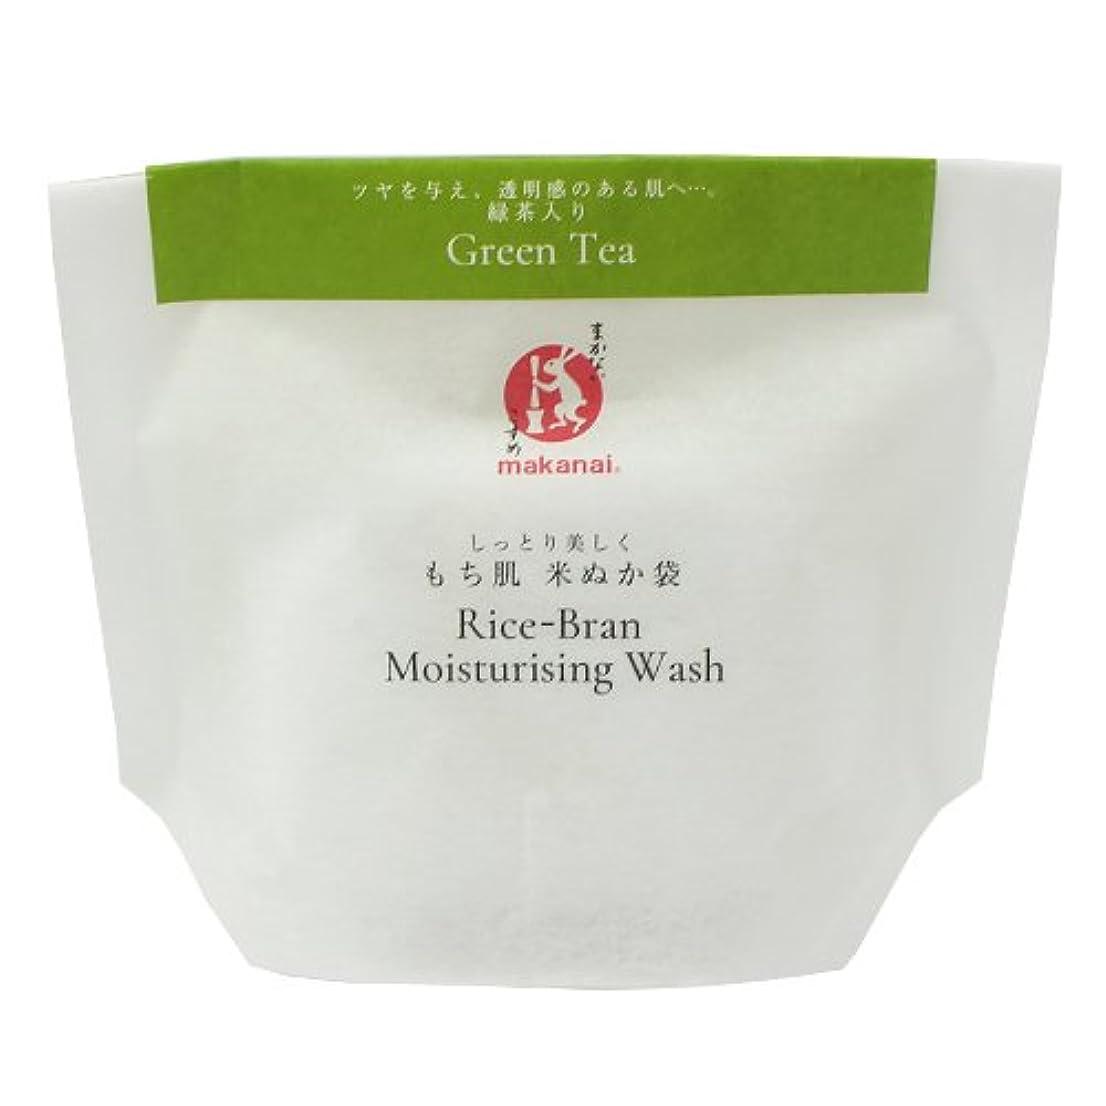 固体葉っぱ制約まかないこすめ もち肌米ぬか袋(緑茶)27g